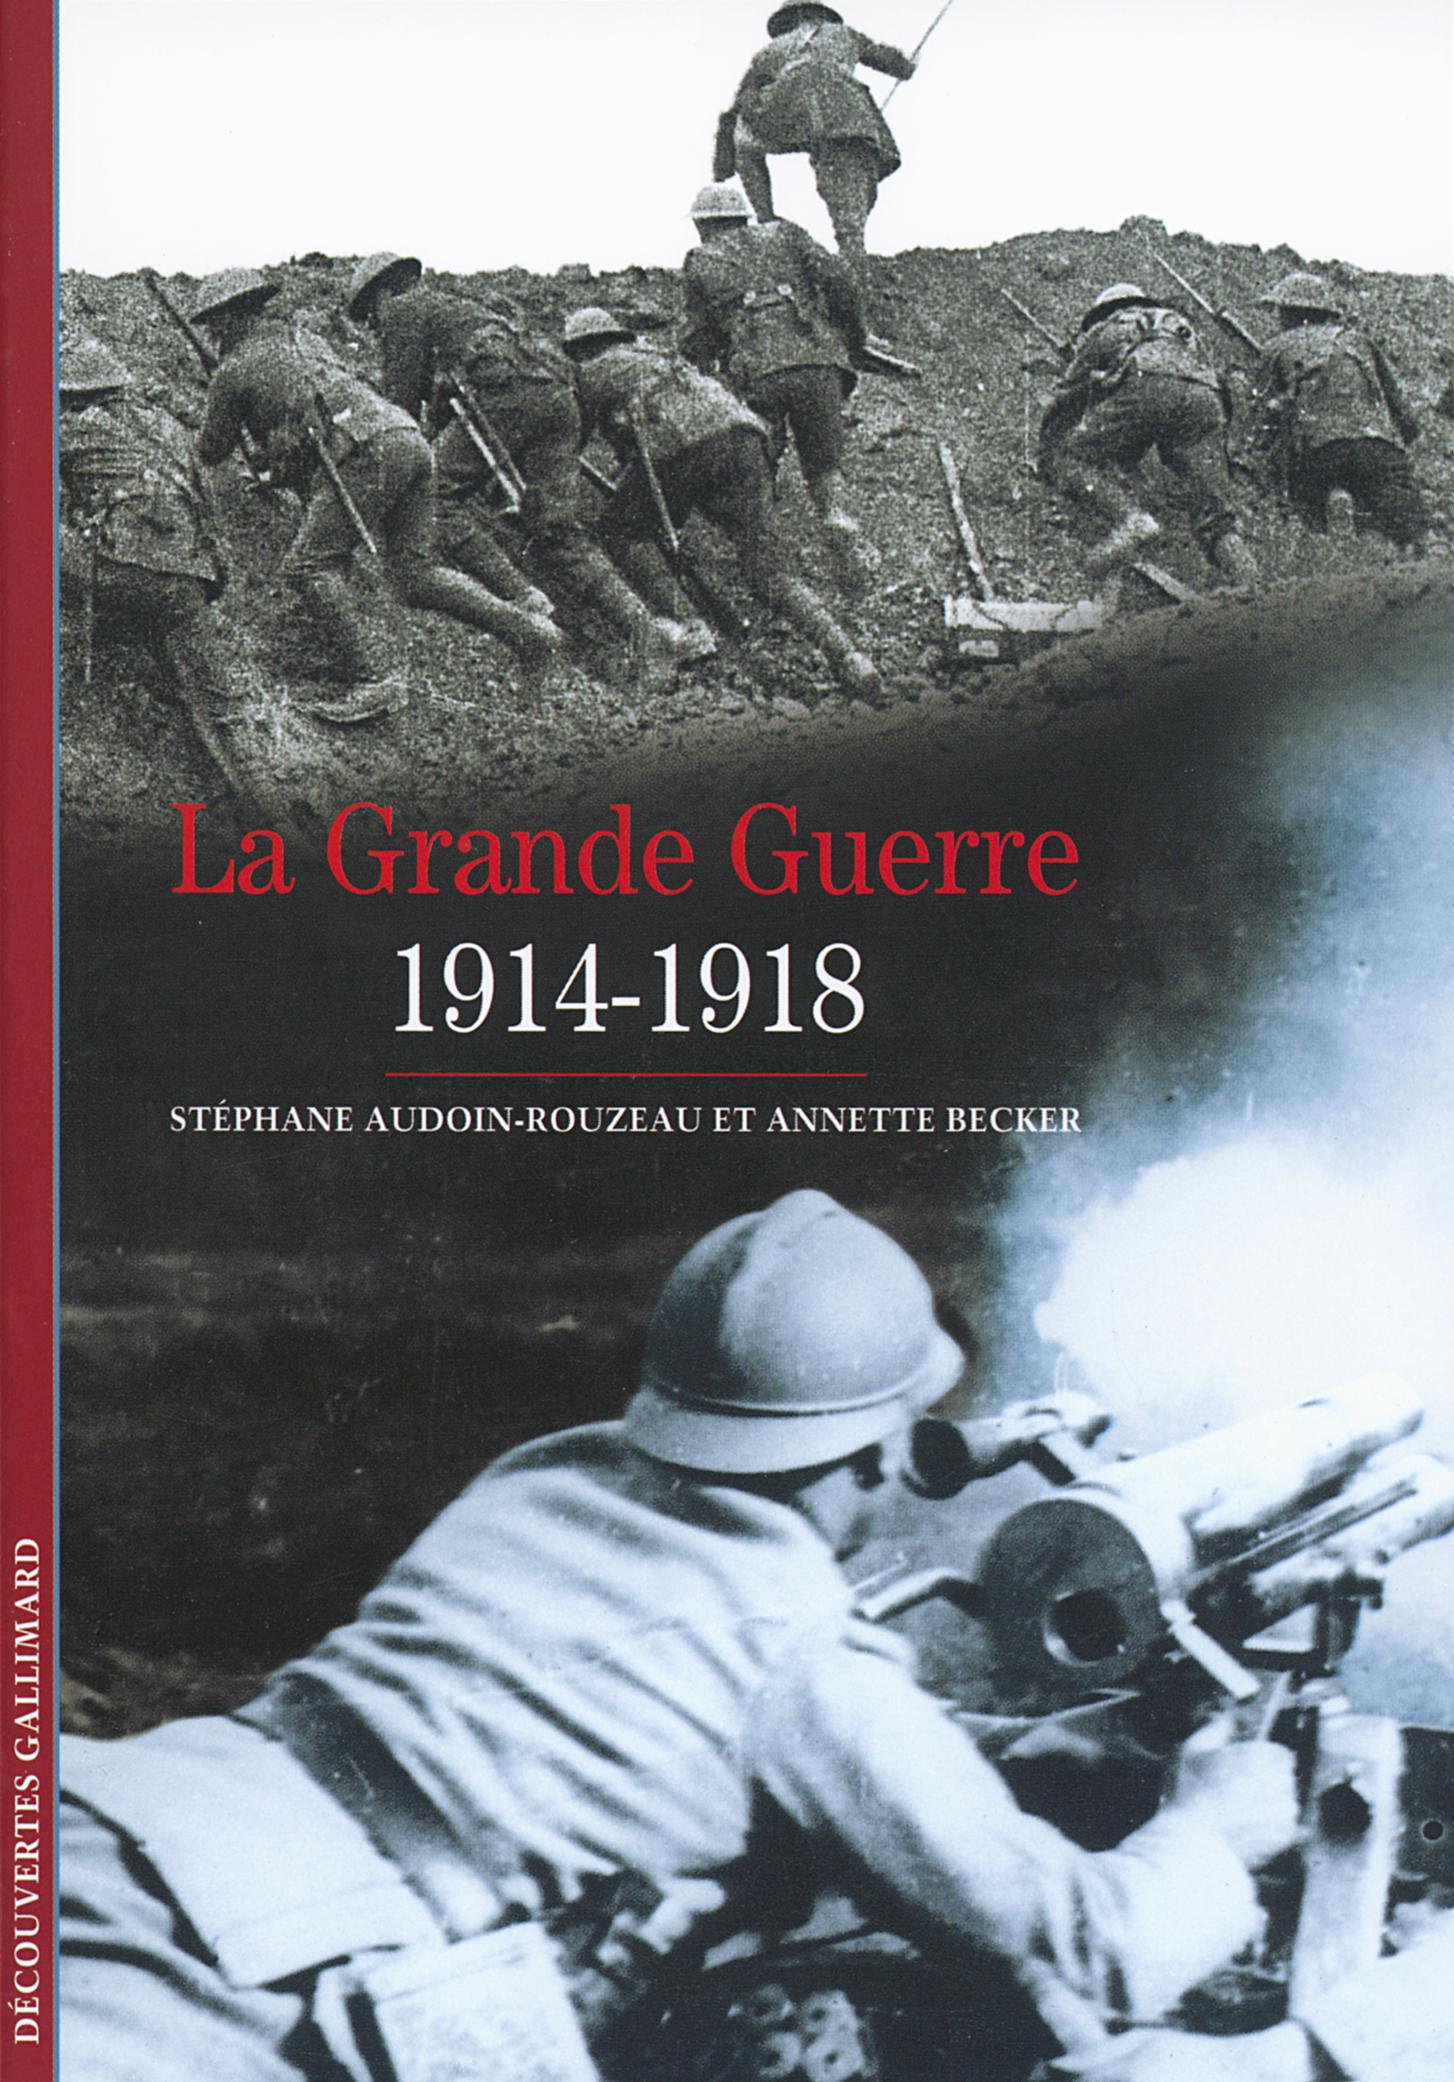 [La ]Grande Guerre : 1914-1918